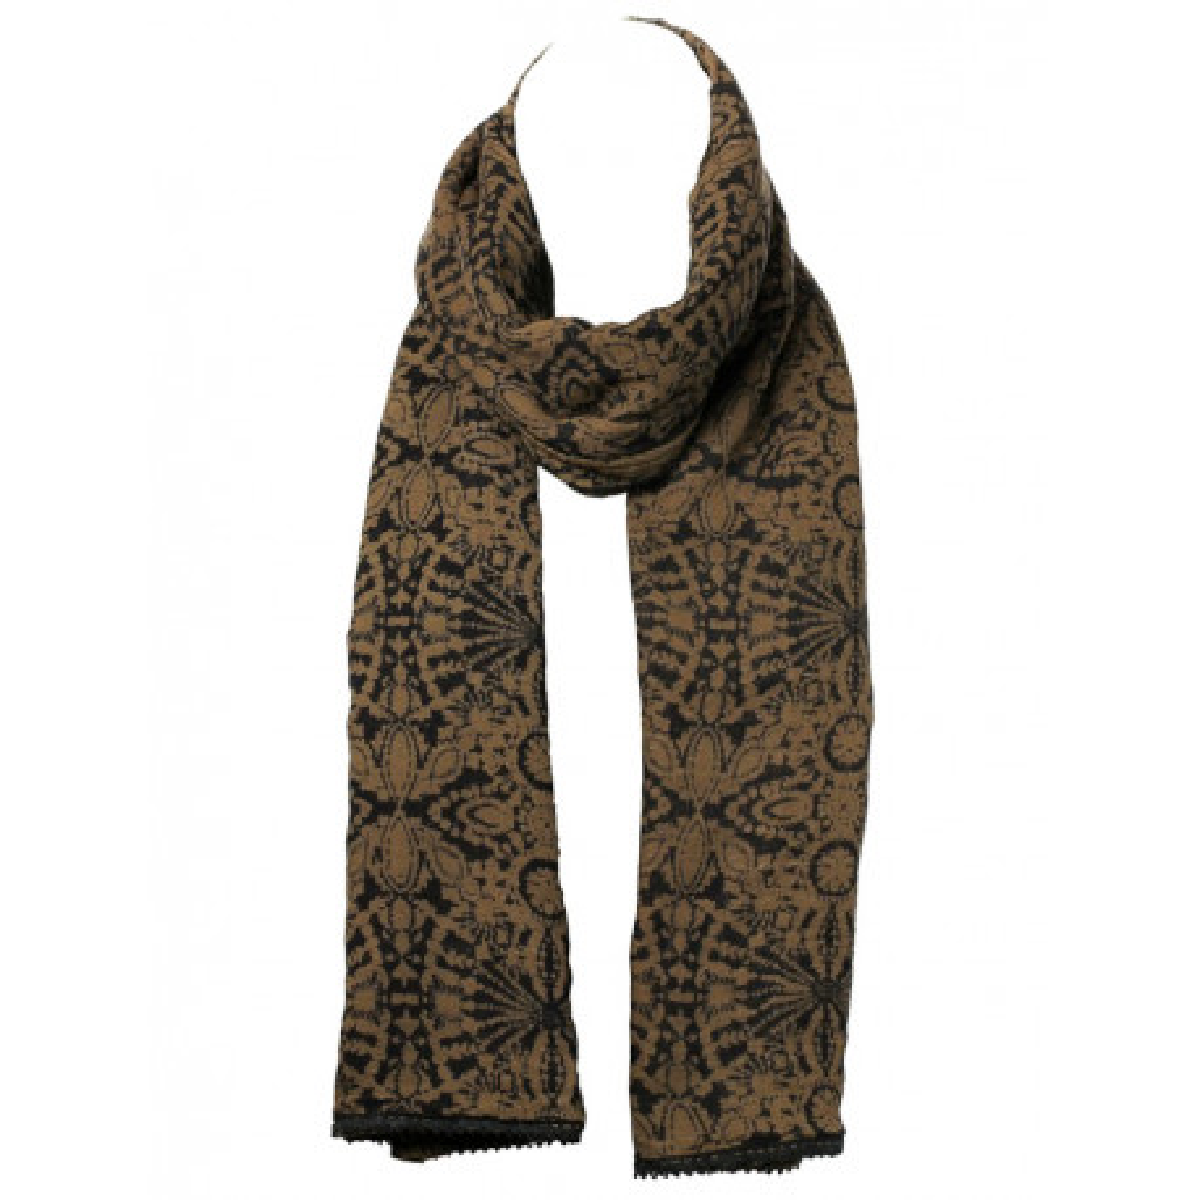 Chèche foulard femme coton café au lait et noir